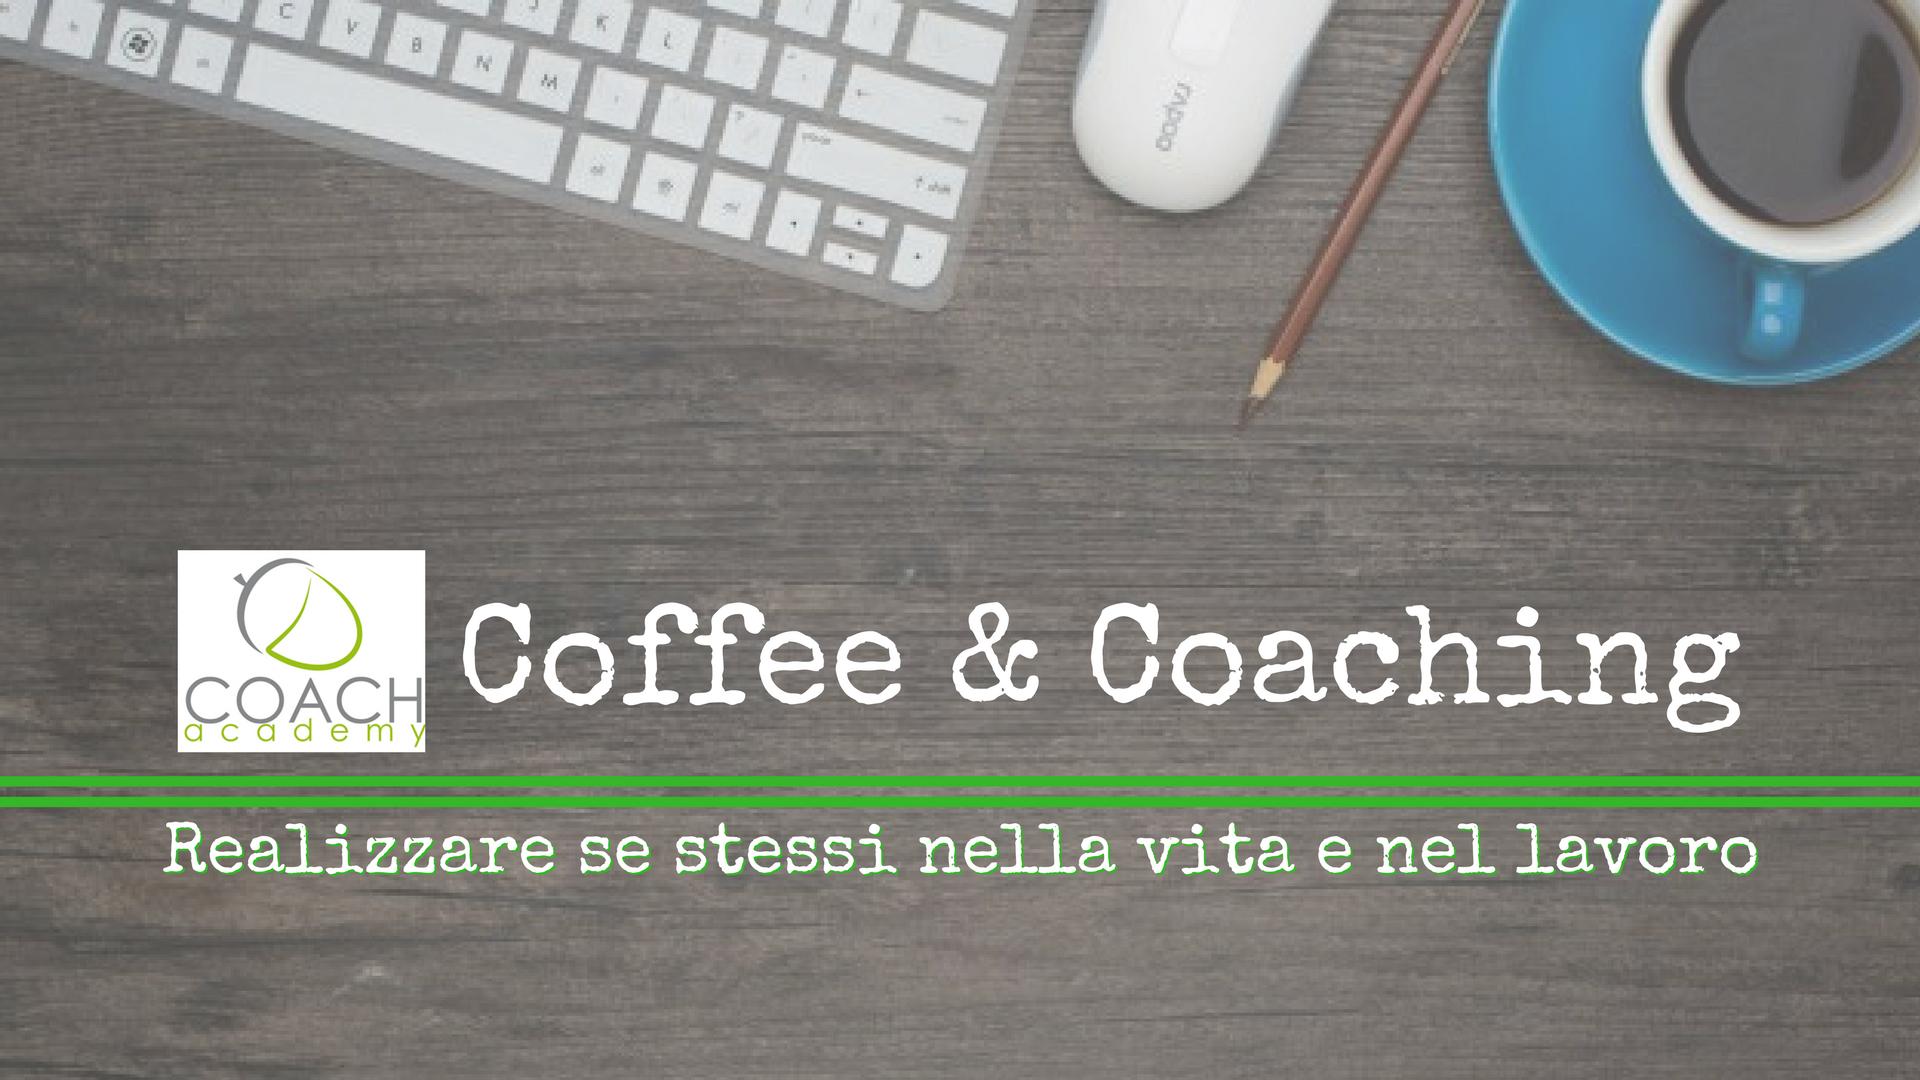 Coffee & Coaching - METODO PER REALIZZARE SE